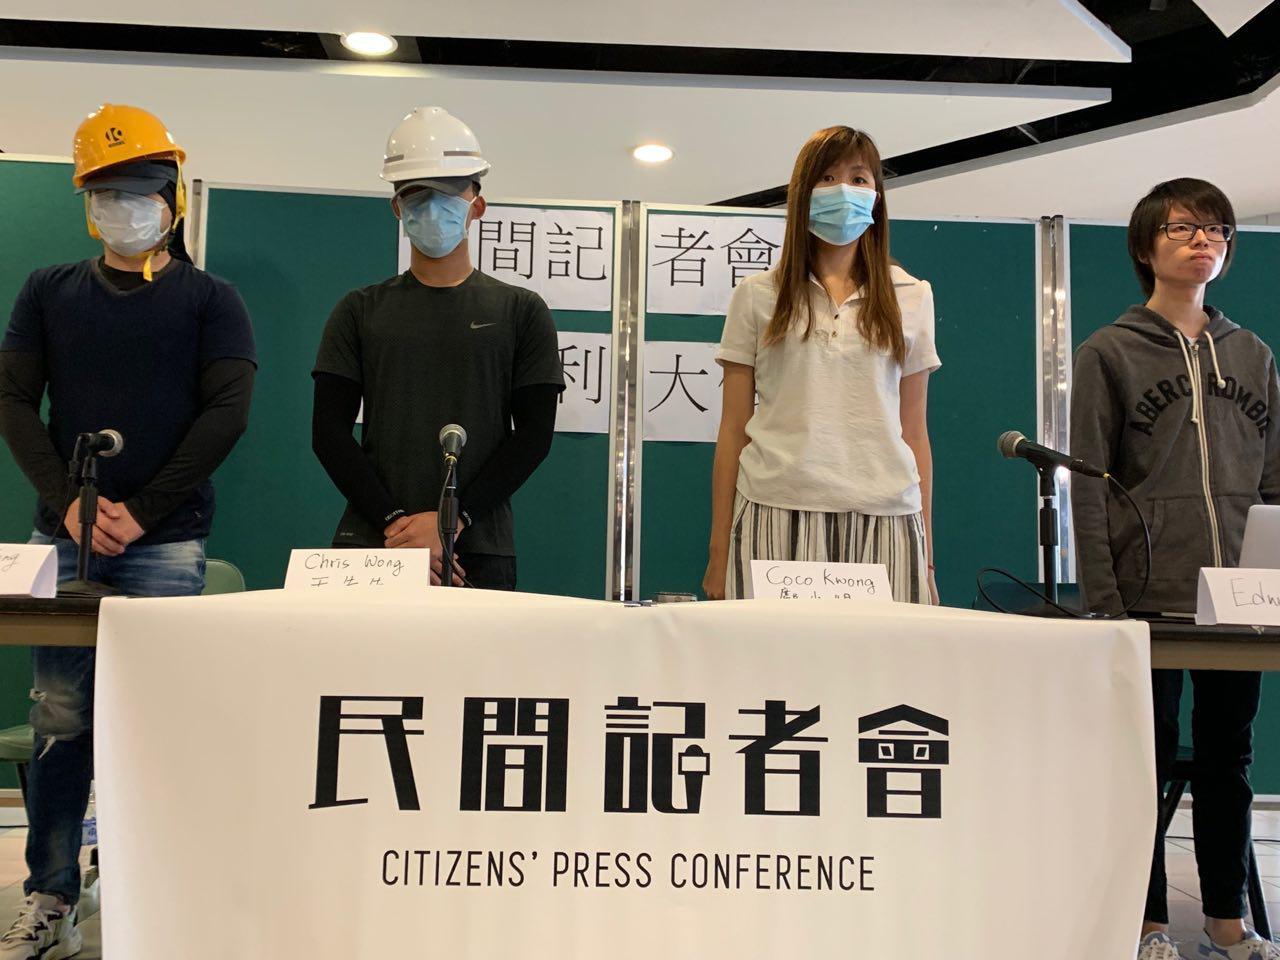 香港民間召開第五次記者會。(駱亞/大紀元)